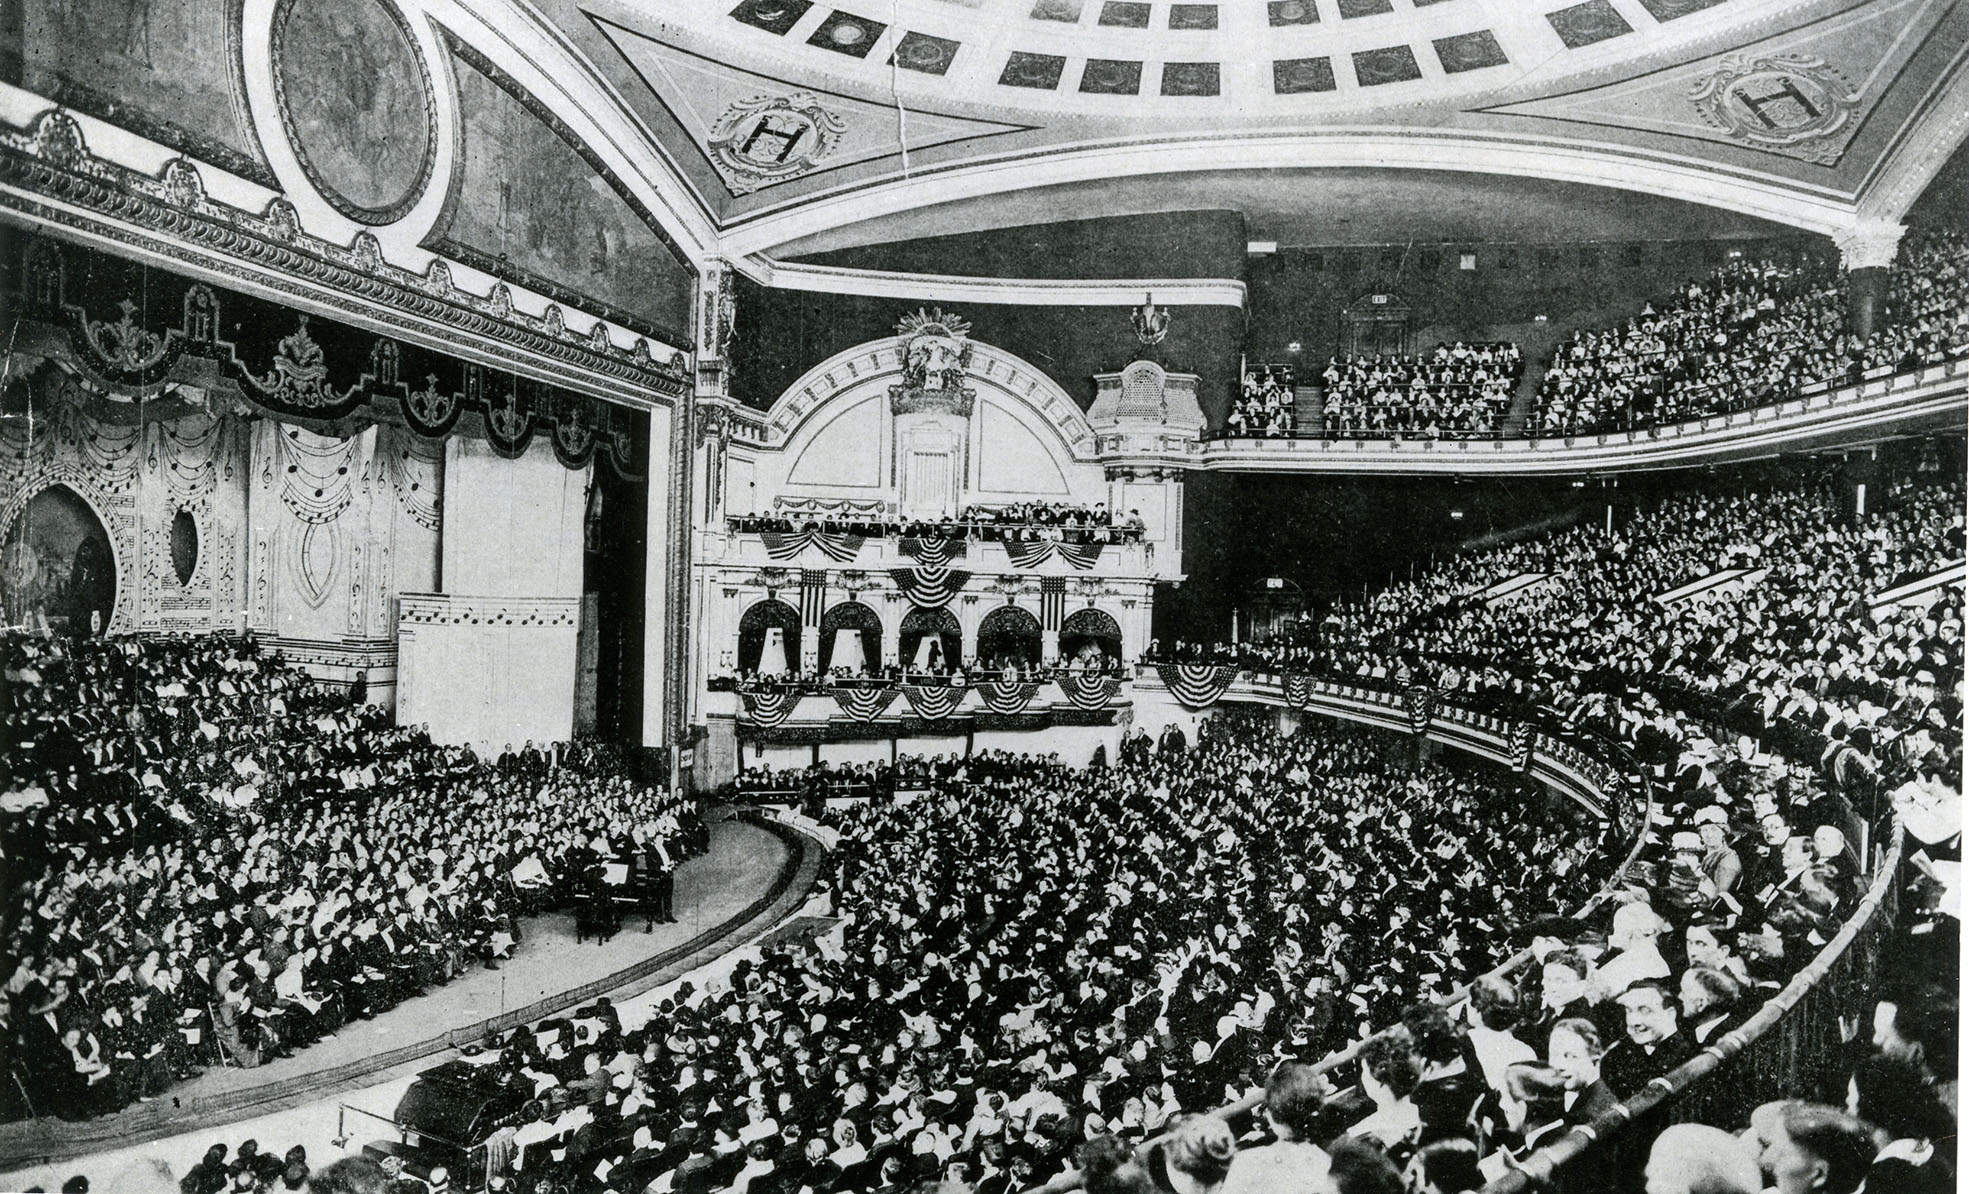 Los espectáculos de Marceline eran el principal reclamo de uno de los escenarios más importantes del mundo, el Hippodrome de Nueva York, con capacidad para más de 5.000 espectadores.